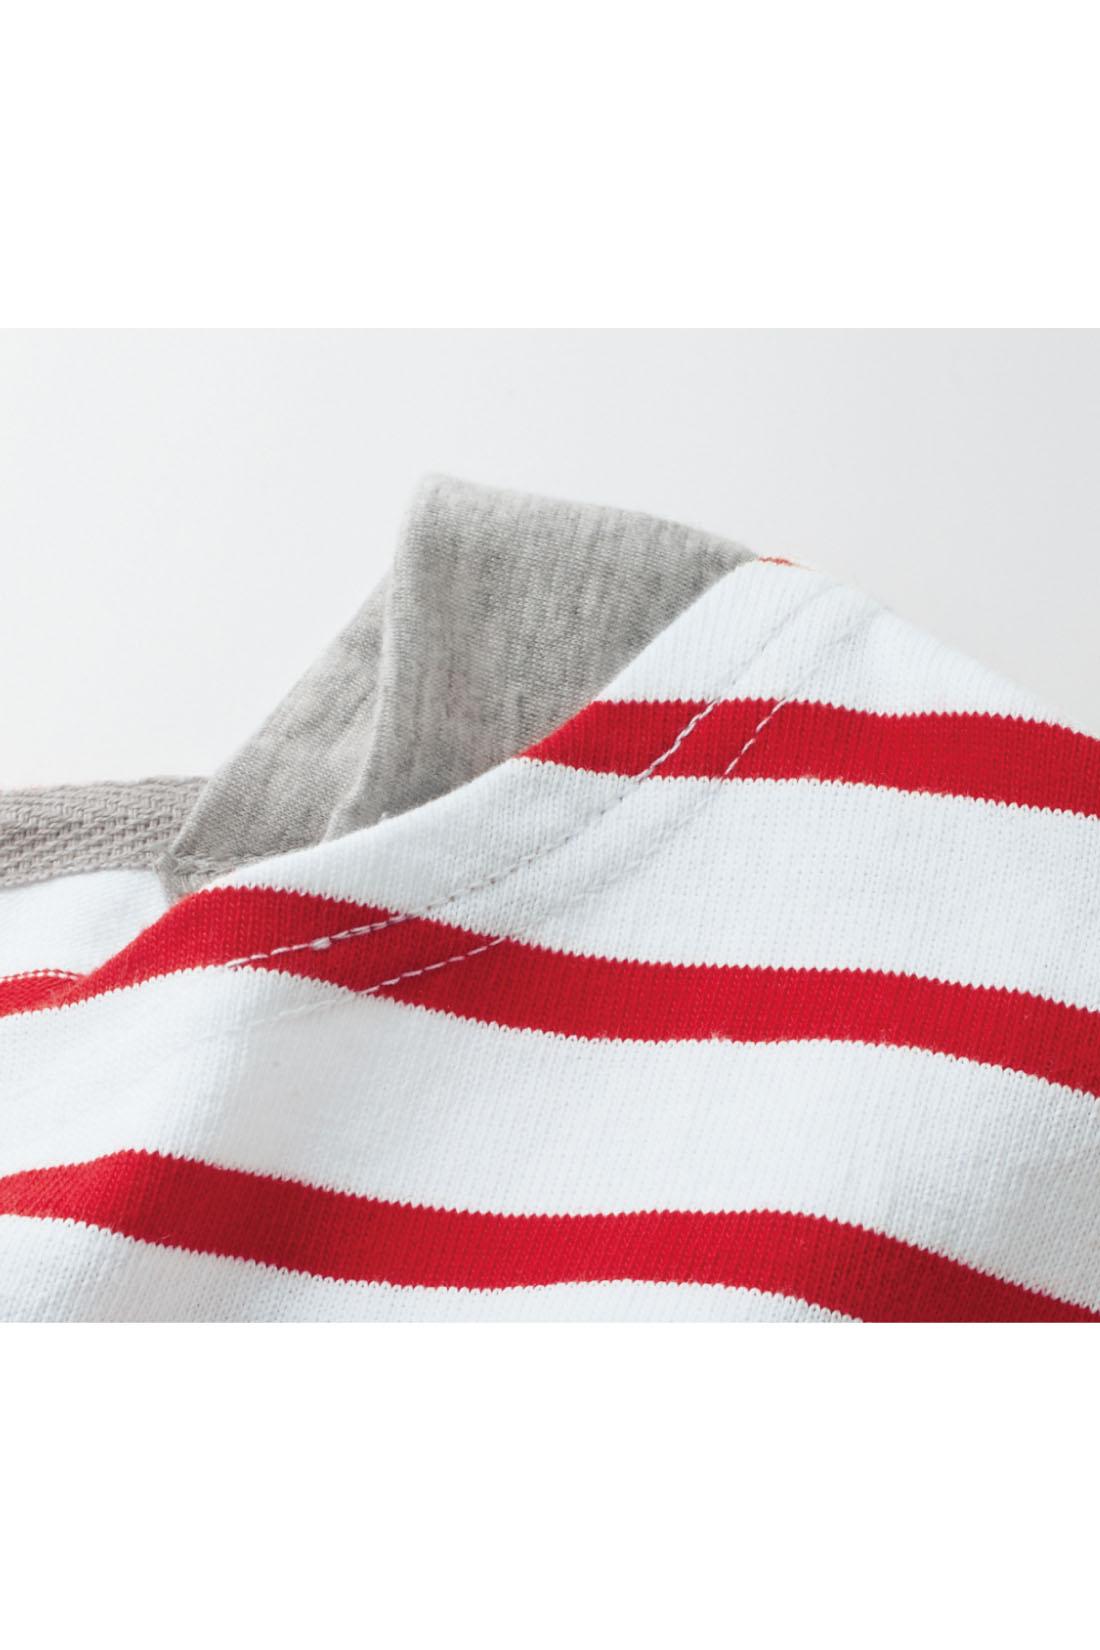 すっきり見えする広めの衿ぐりは肩当て付きで下着のチラ見えを防止。 ※お届けするカラーとは異なります。